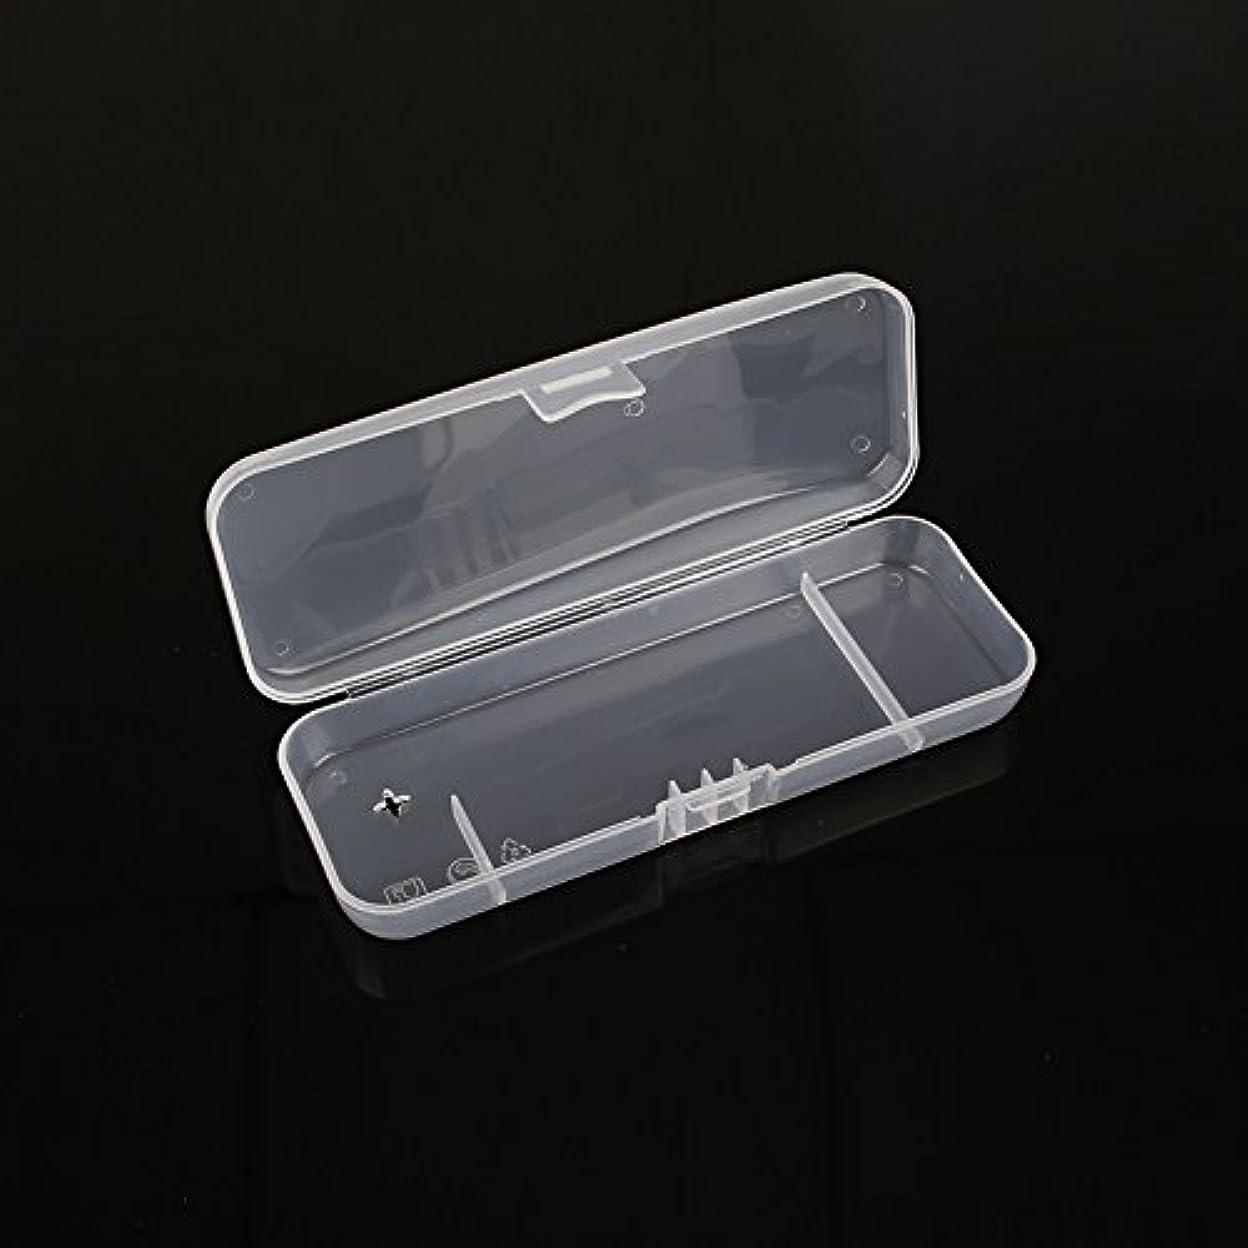 スズメバチ懐疑的操縦するキコード 白い透明 ポータブル シェービングボックス シェーバー用 トラベルレジャープロテクター